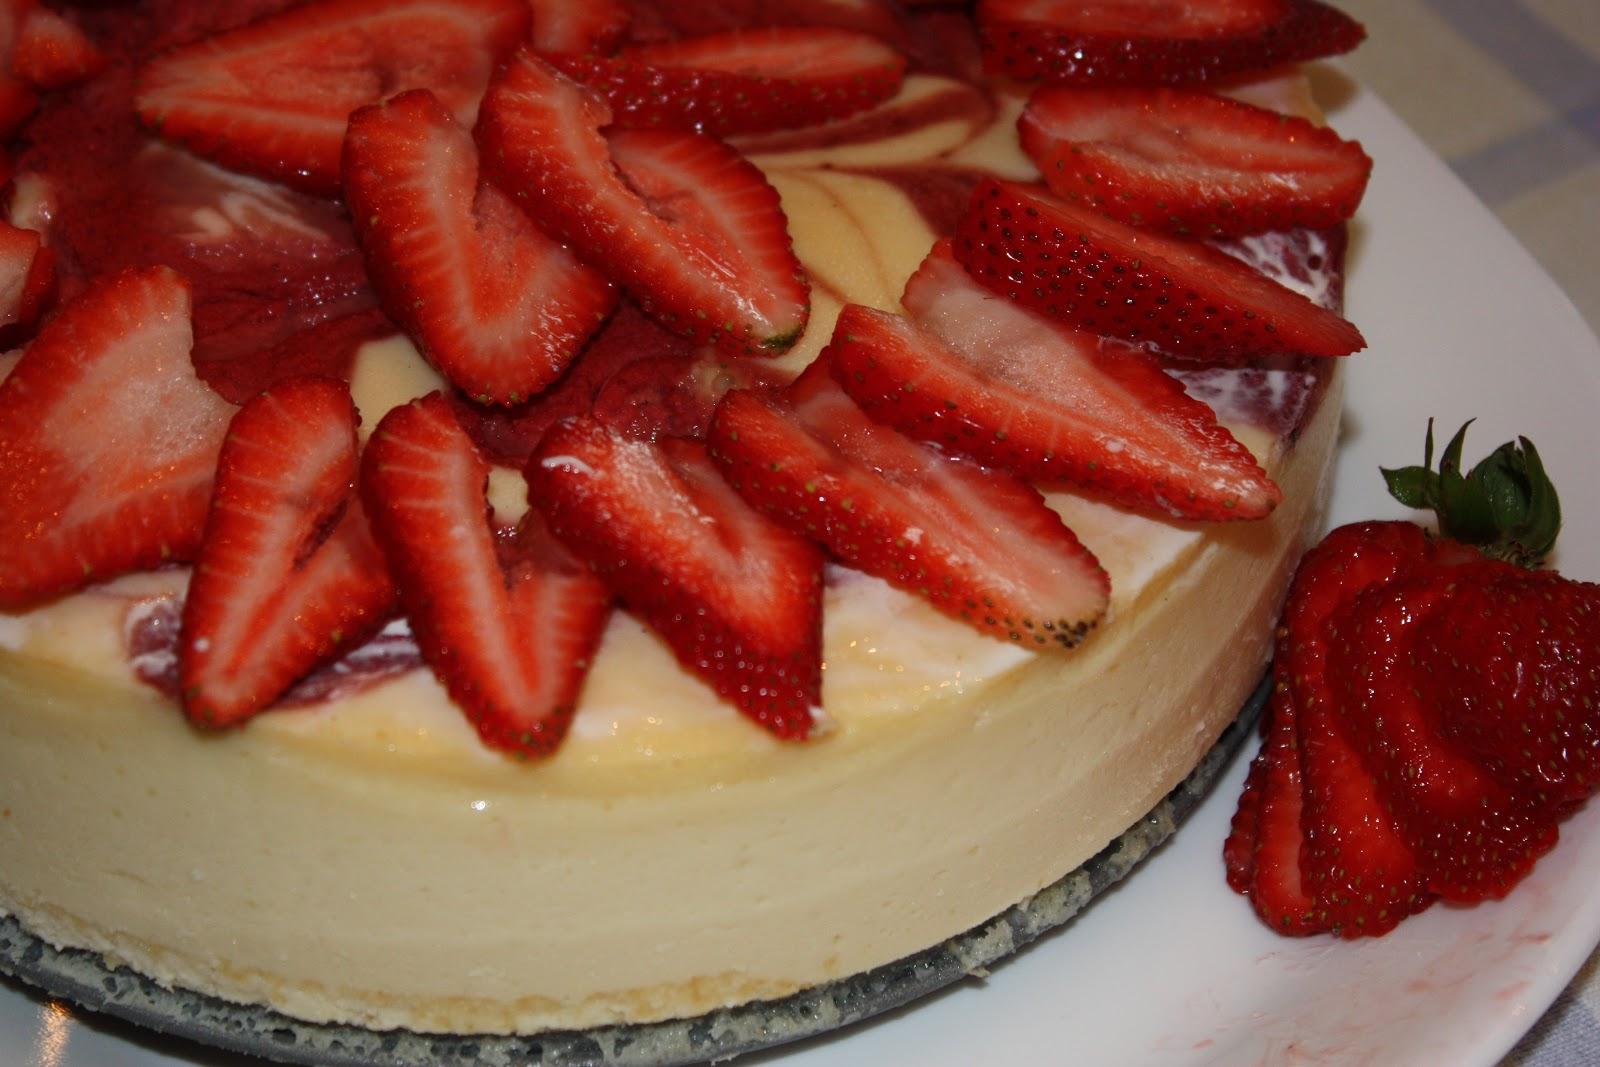 Strawberry Swirl Cheesecake Strawberry swirl cheesecake